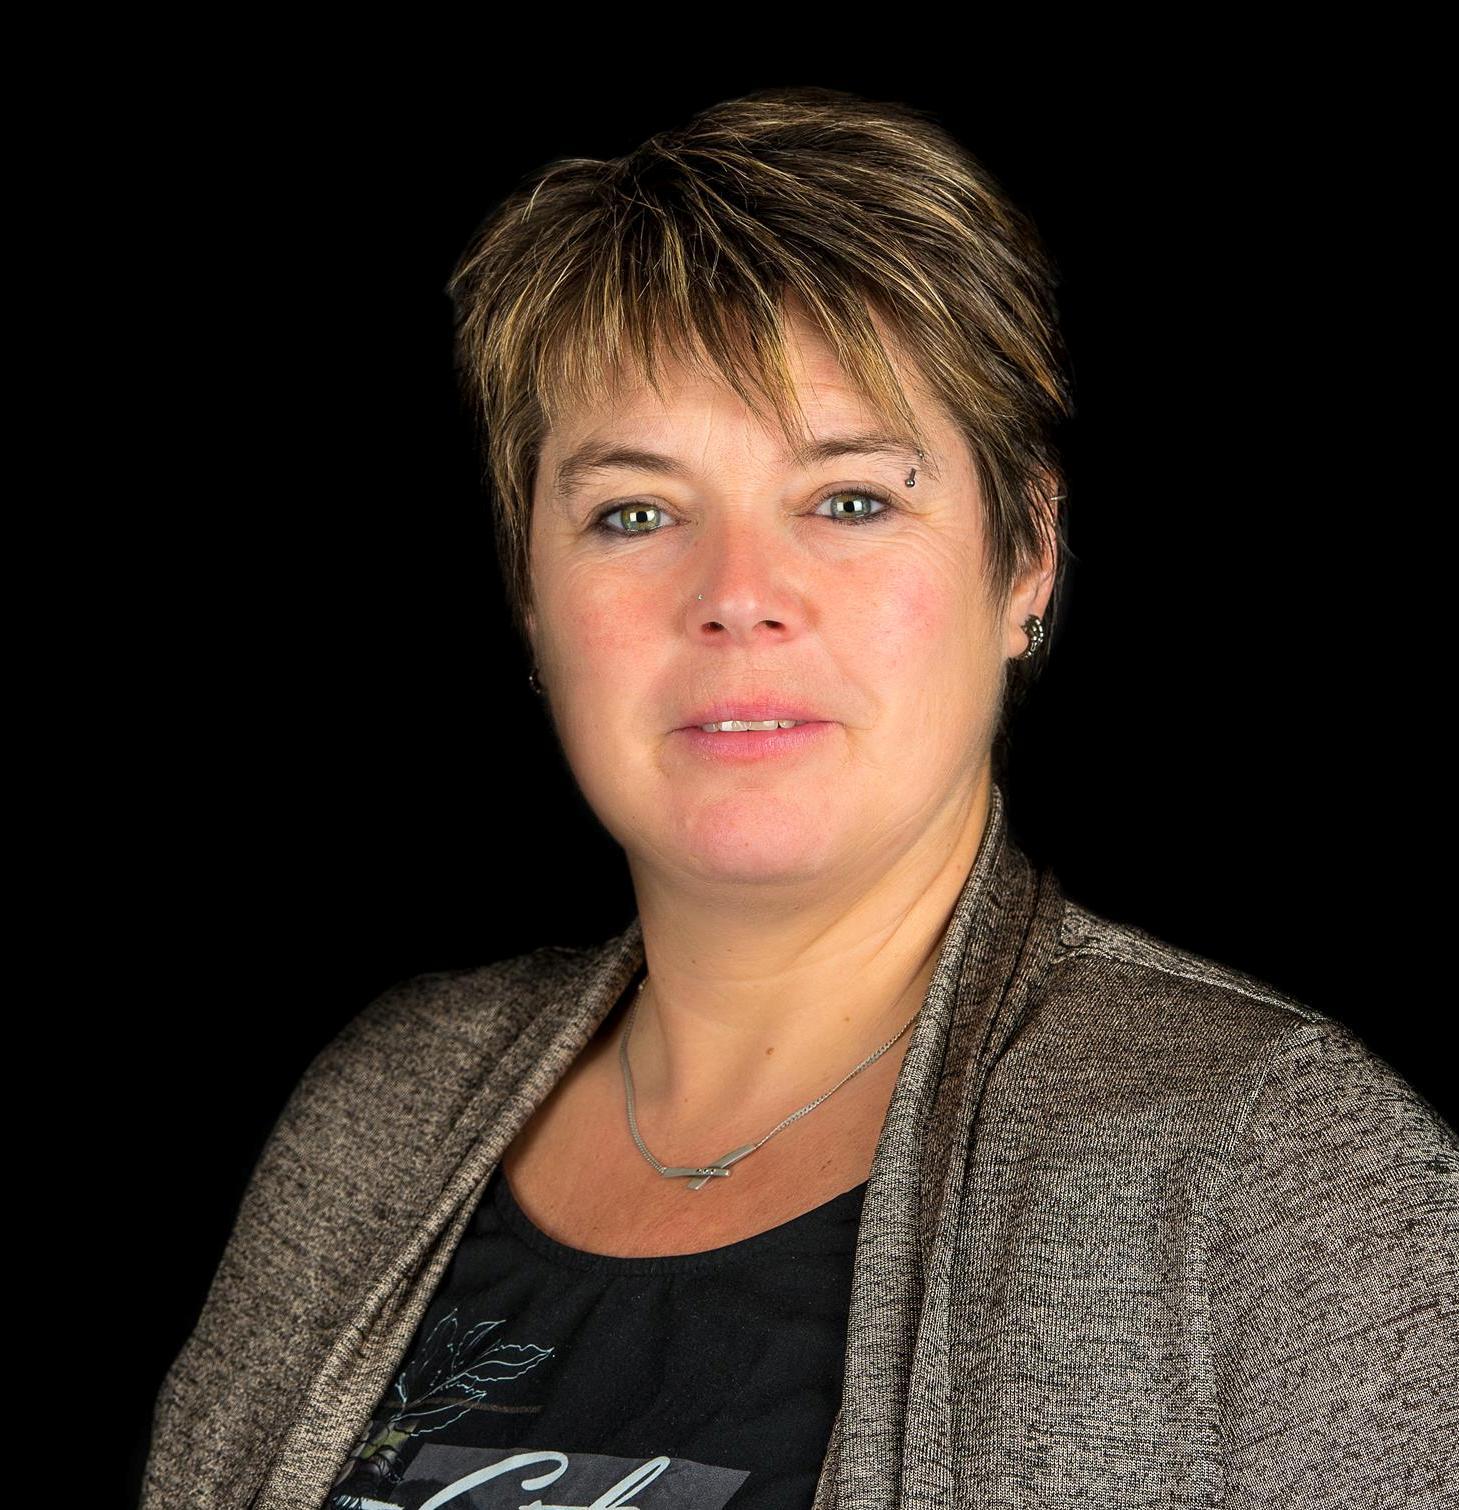 Marion Simons